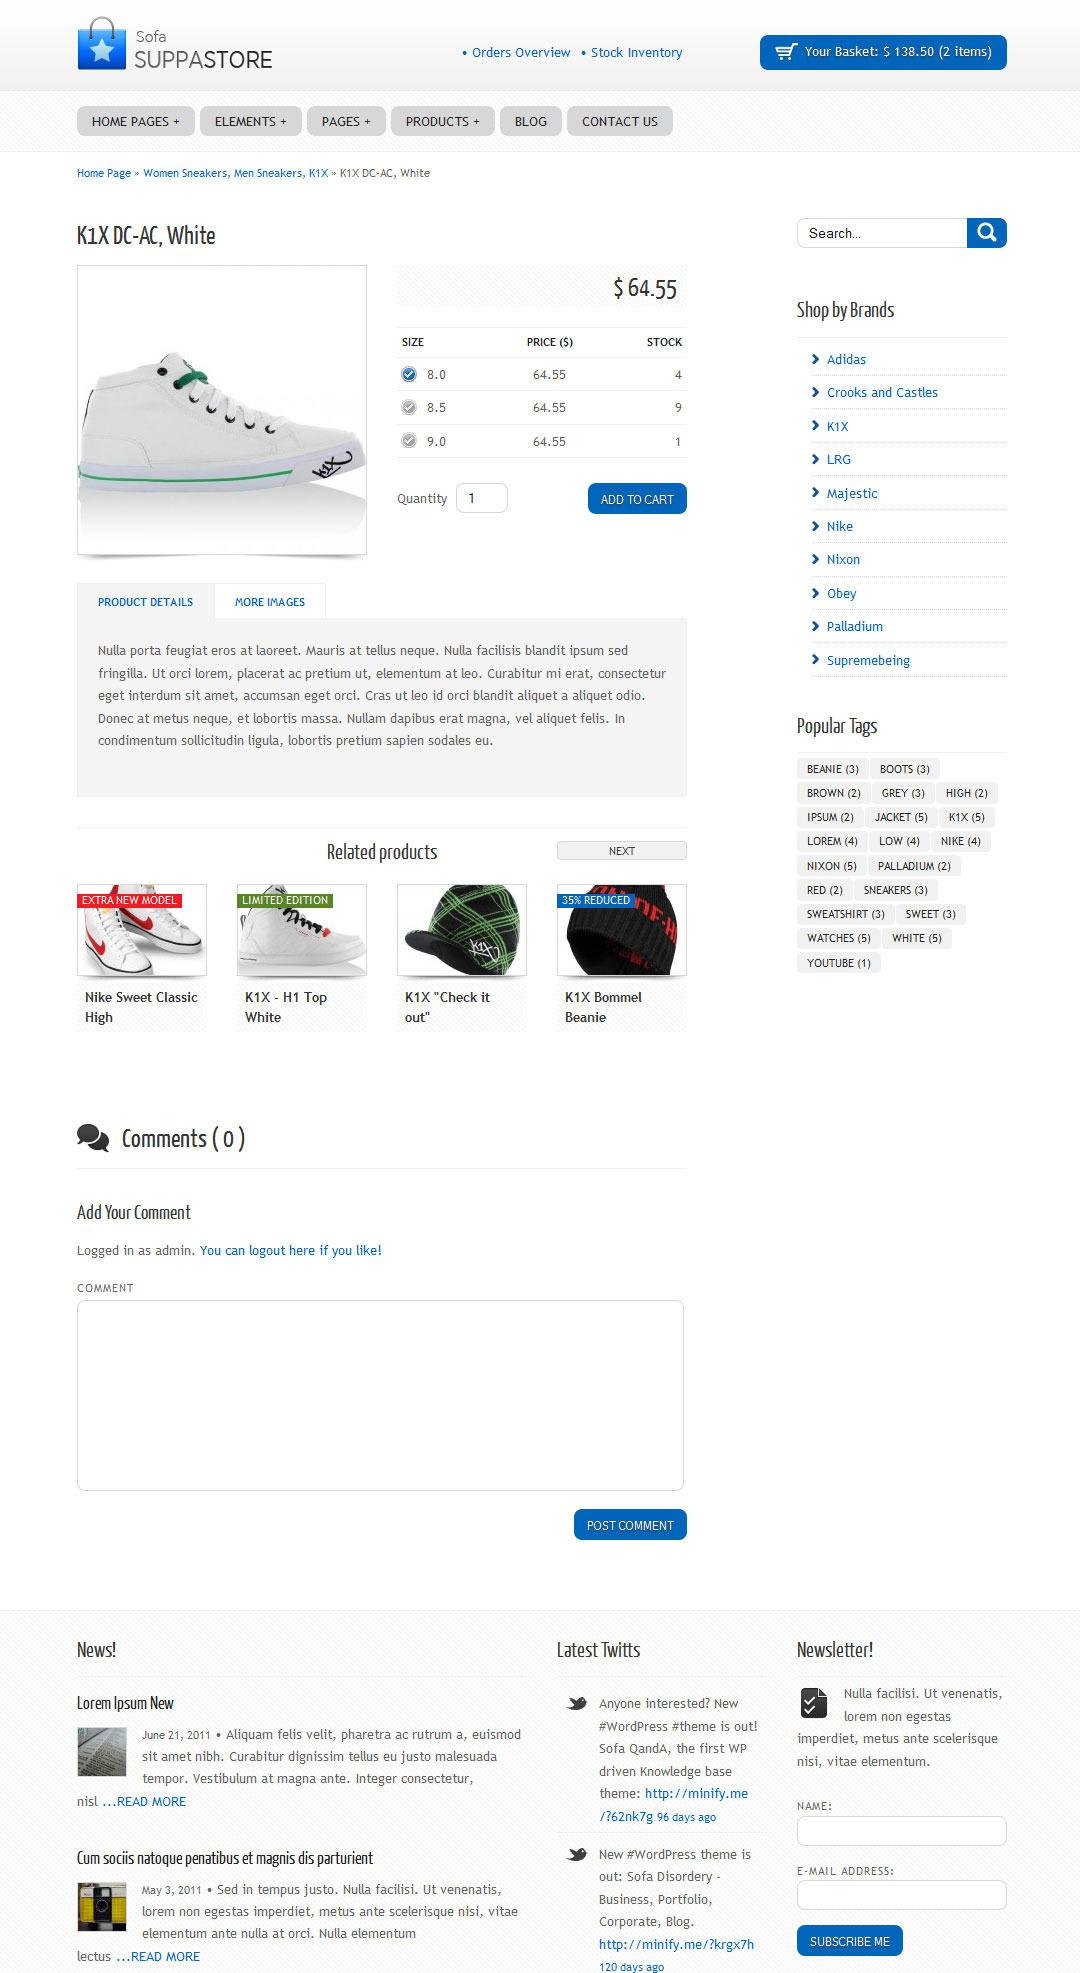 Sofa SuppaStore - WordPress Driven Webshop